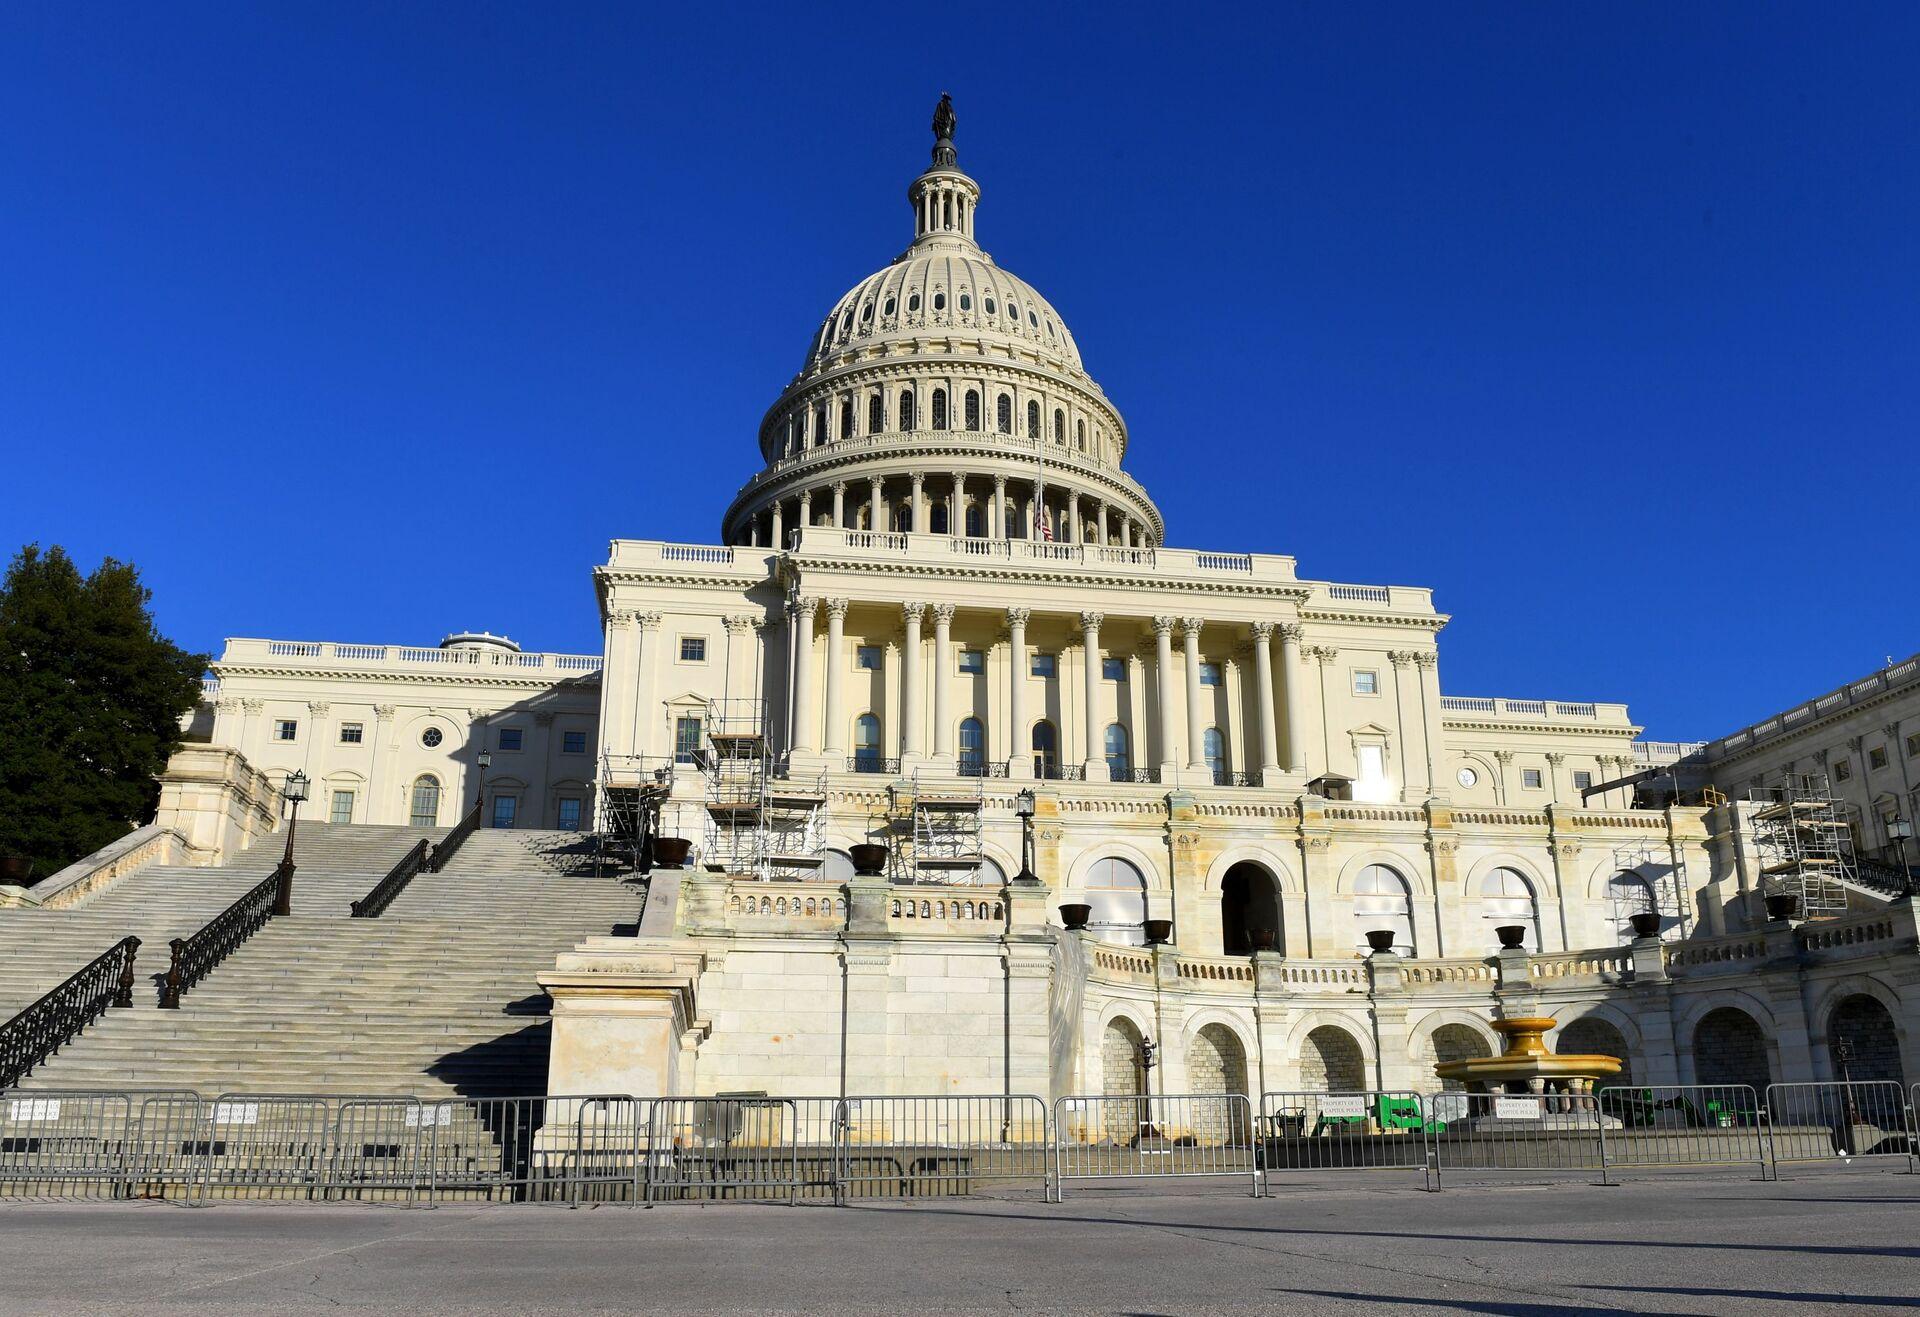 Капитолий (United States Capitol) на Капитолийском холме в Вашингтоне. - РИА Новости, 1920, 11.08.2021